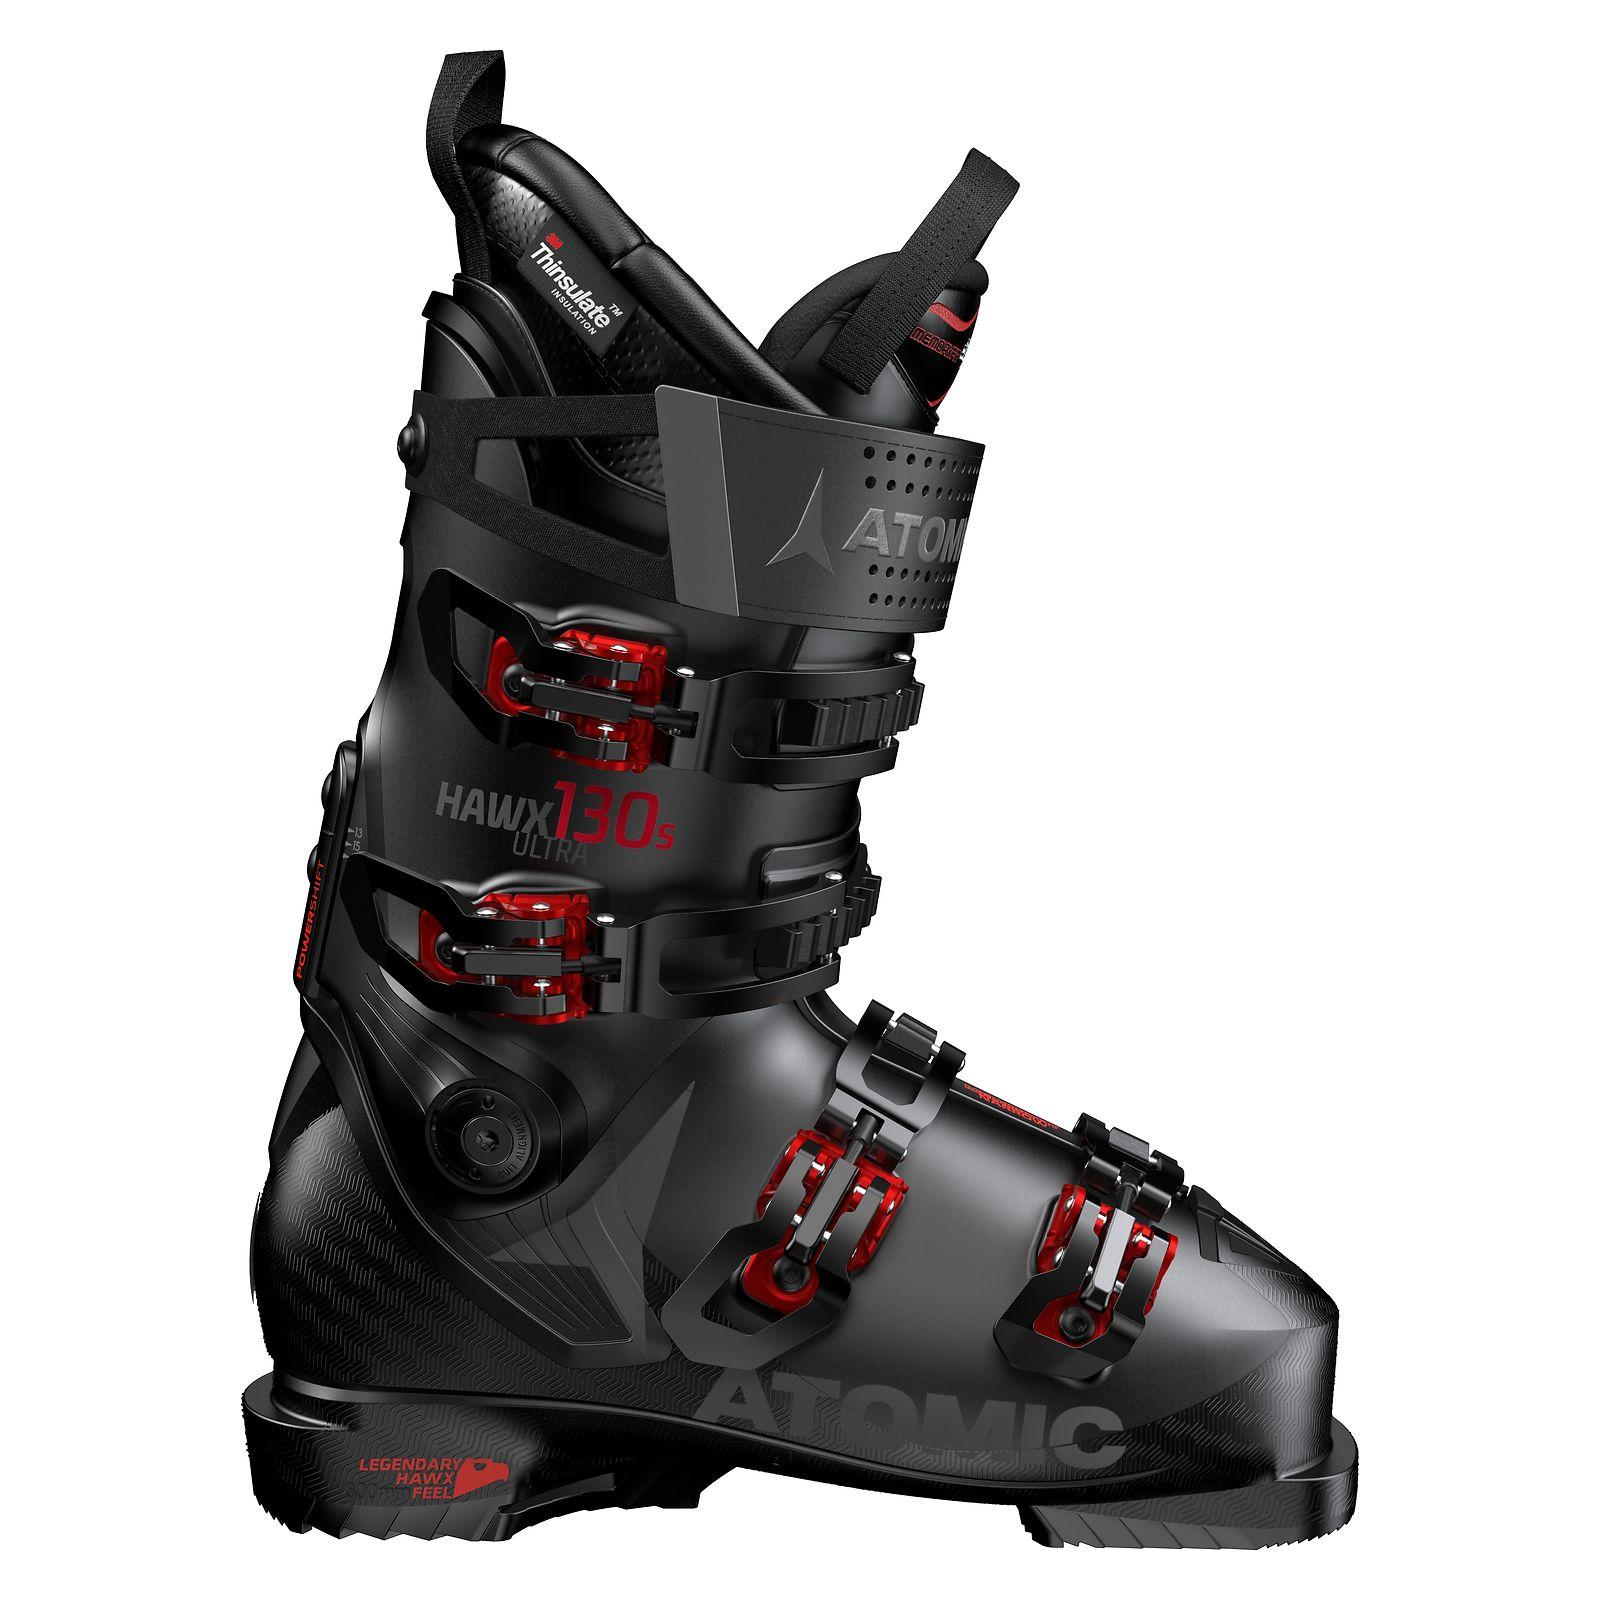 Buty narciarskie męskie Atomic Hawx Ultra 130S F130